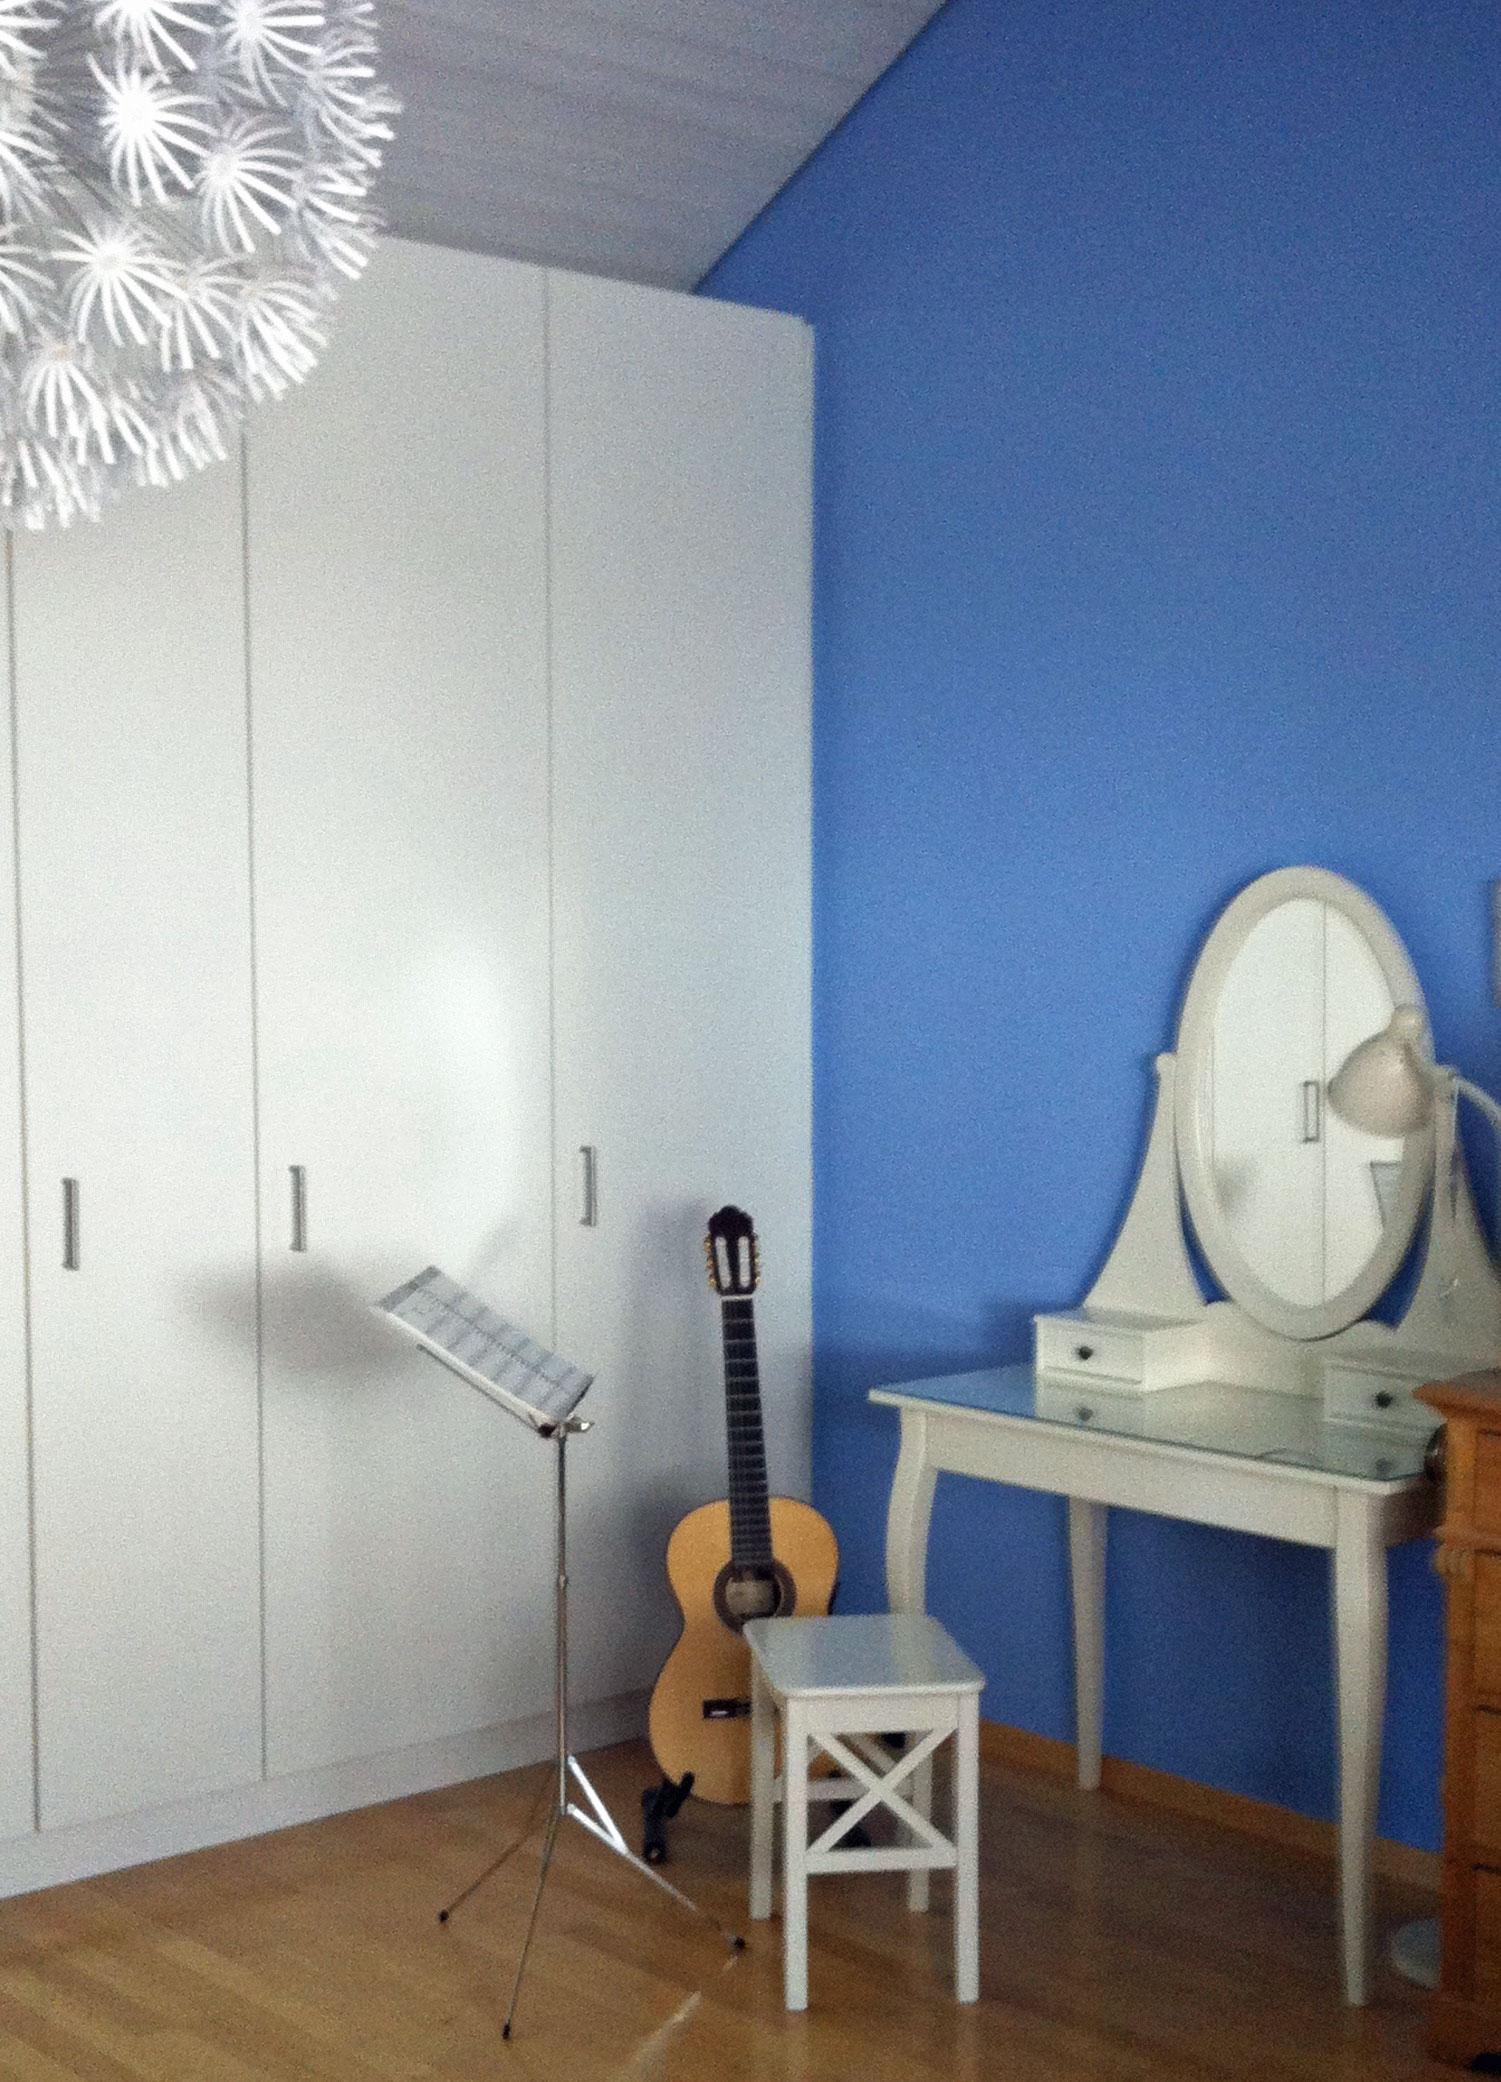 Ein durchg ngiges farbenspiel k o b colourdesign farb for Farb und raumgestaltung